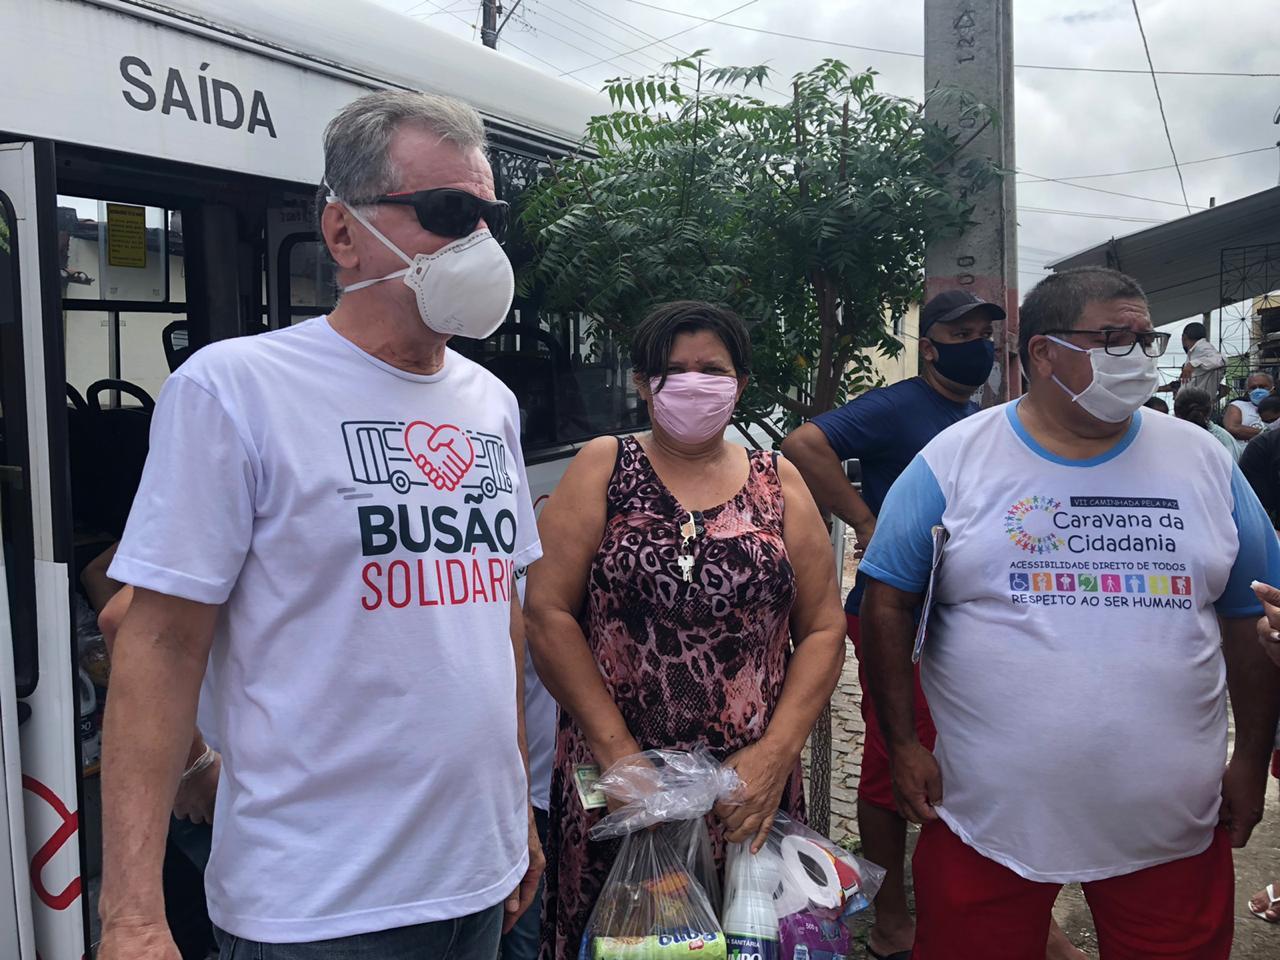 Busão Solidário (1)